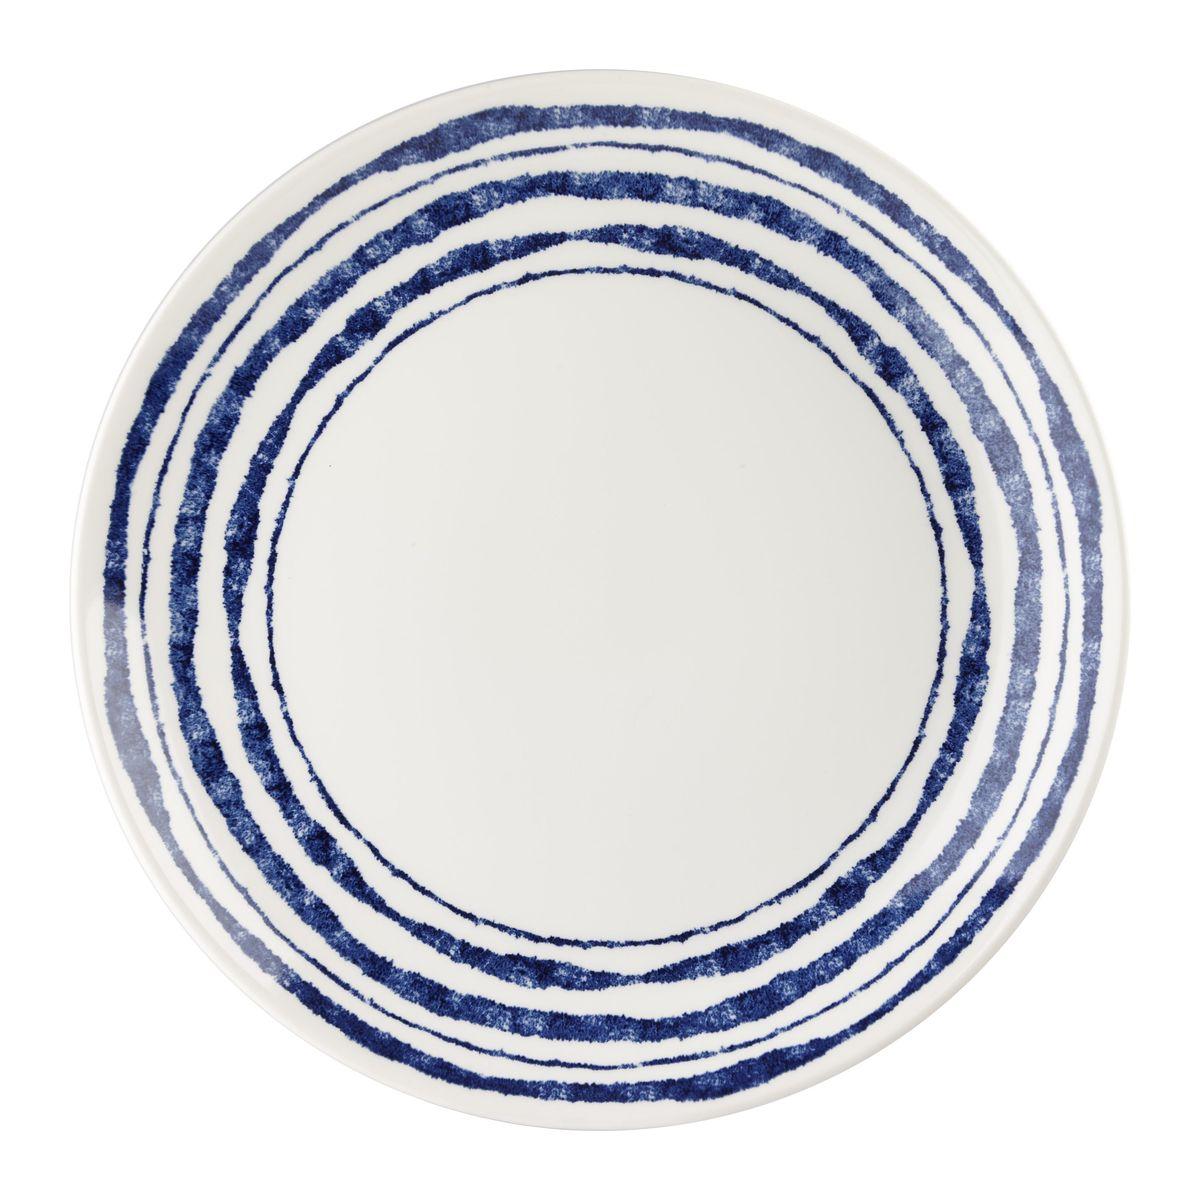 Тарелка Churchill Инки, диаметр 26 см. INKI00011INKI00011Коллекция Сиена отражает Скандинавский стиль. Этот стиль отличается своей простотой и минимализмом, синий орнамент на белоснежном фоне. Материал: фаянс Можно мыть в посудомоечной машине Можно использовать в микроволновой печи